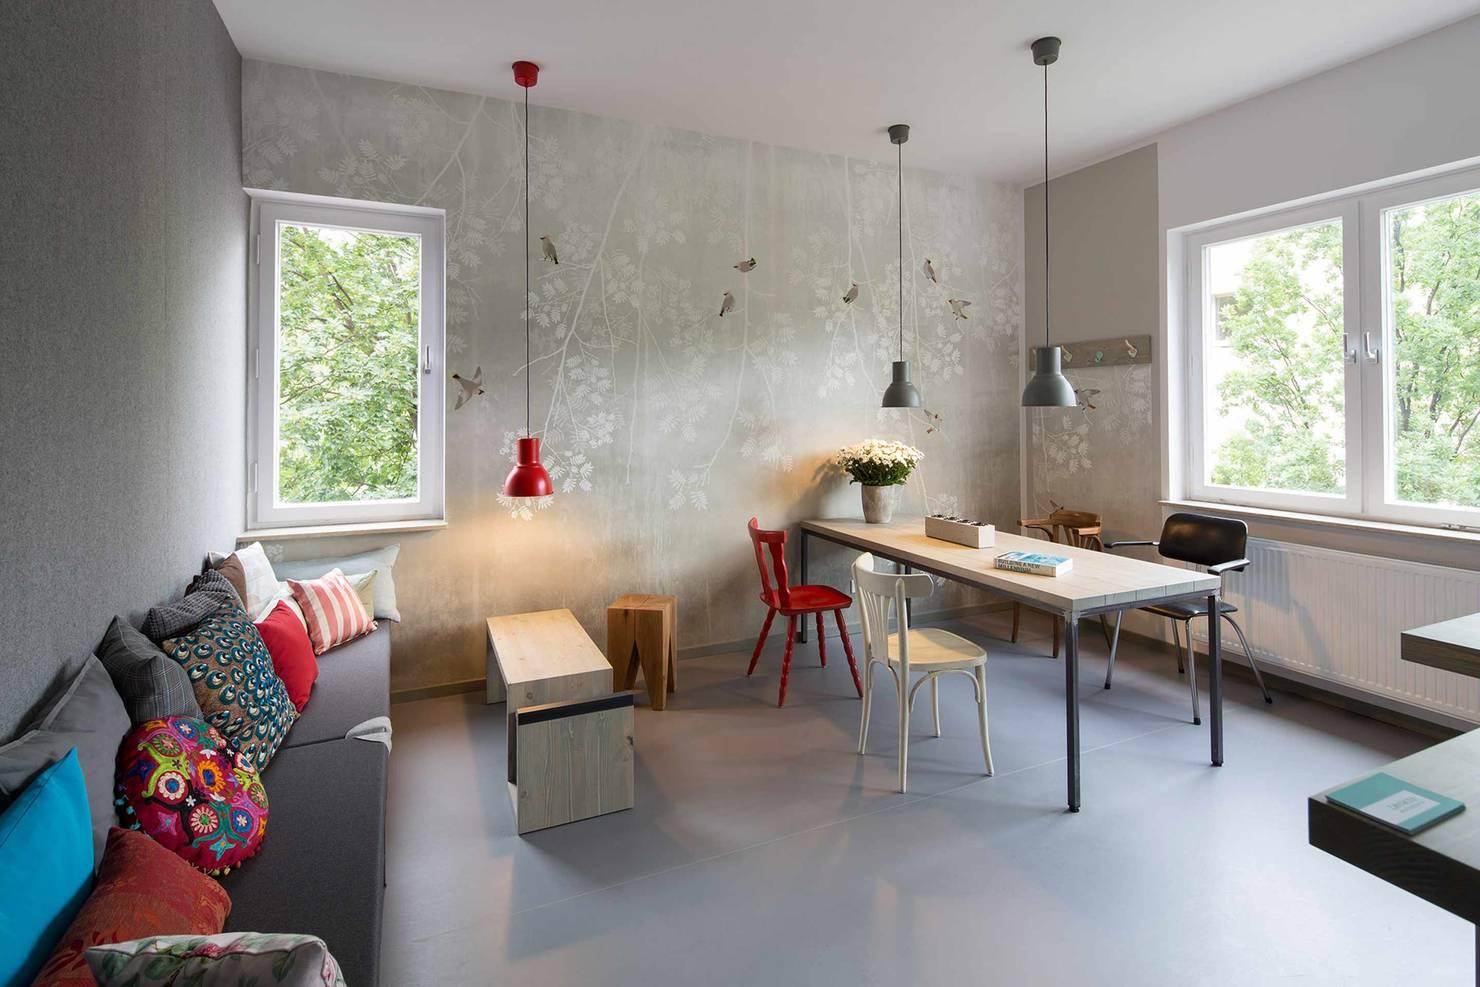 Berliner Interior Designer gestaltet Zahnarztpraxis mit Wohlfühlcharakter